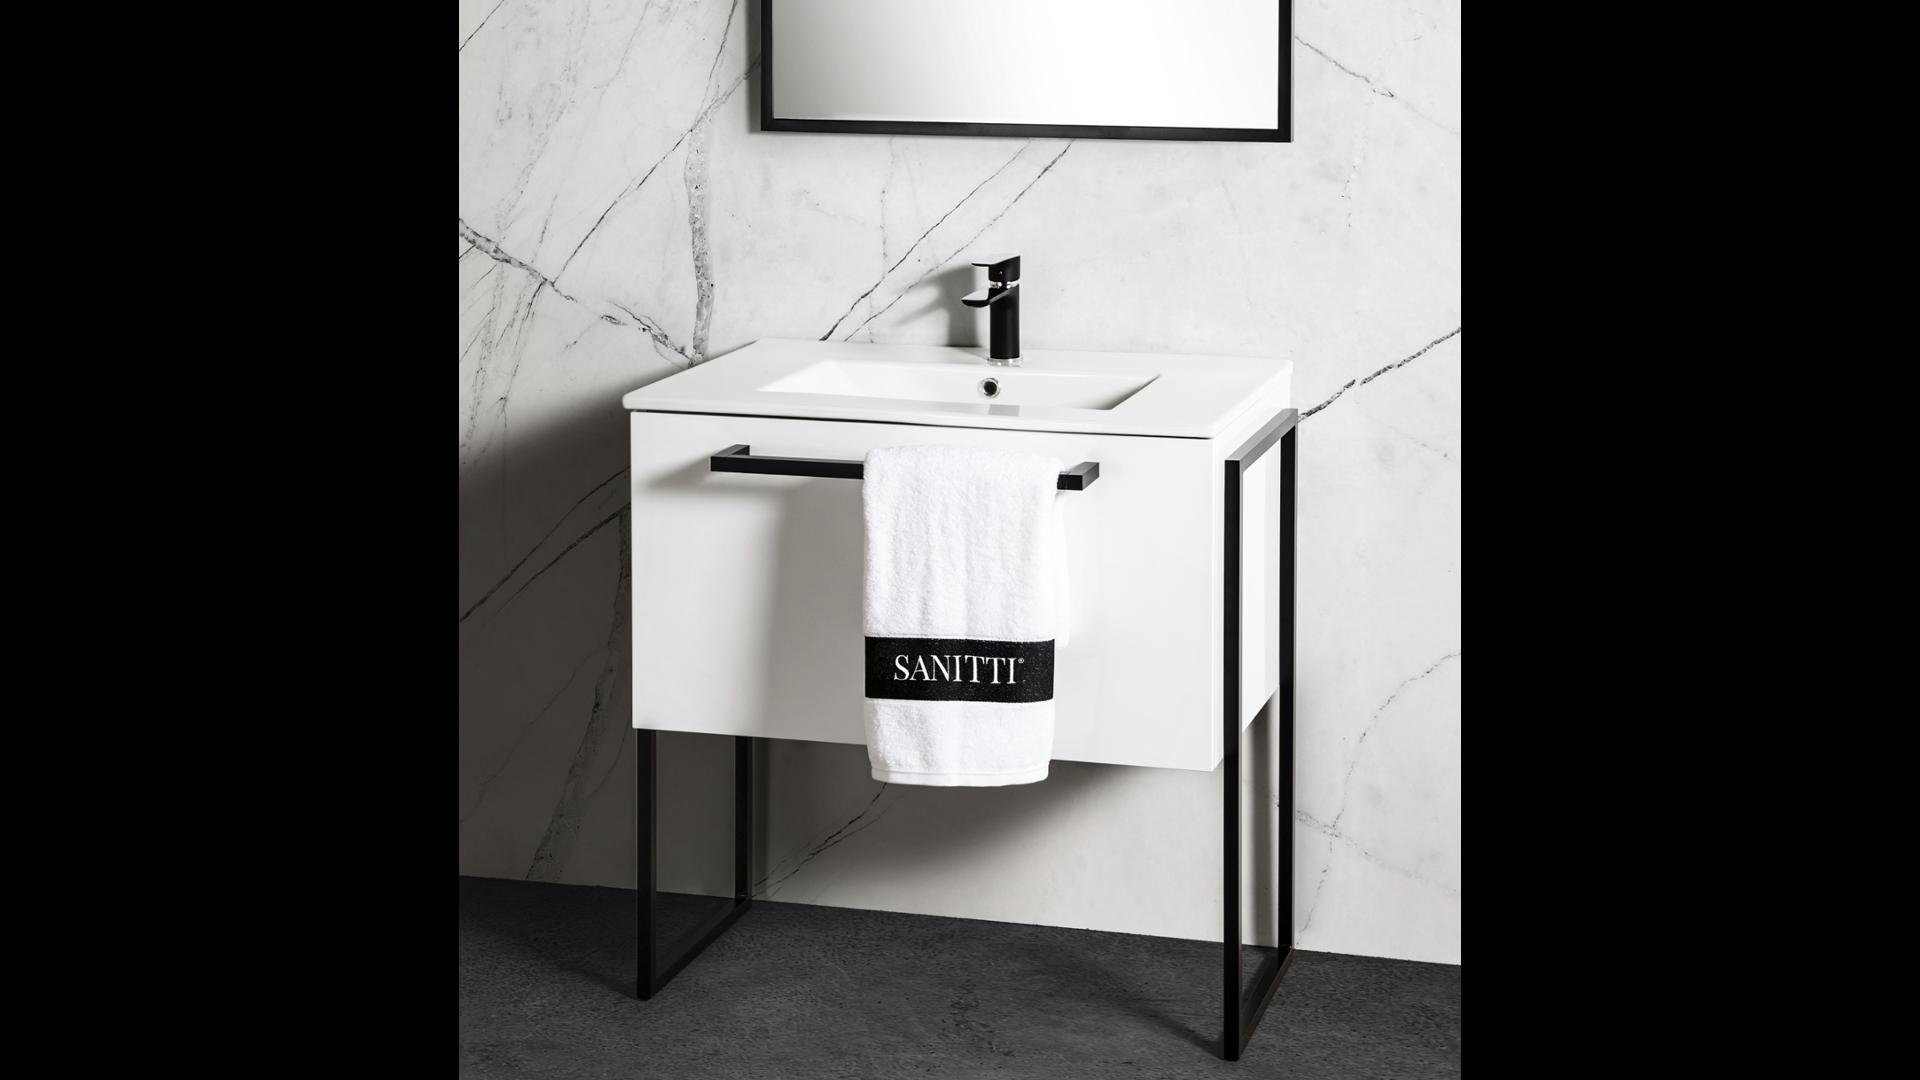 Szafka łazienkowa Sanitti Trendy TS-80/2 ze stelażem aluminiowym wysokim